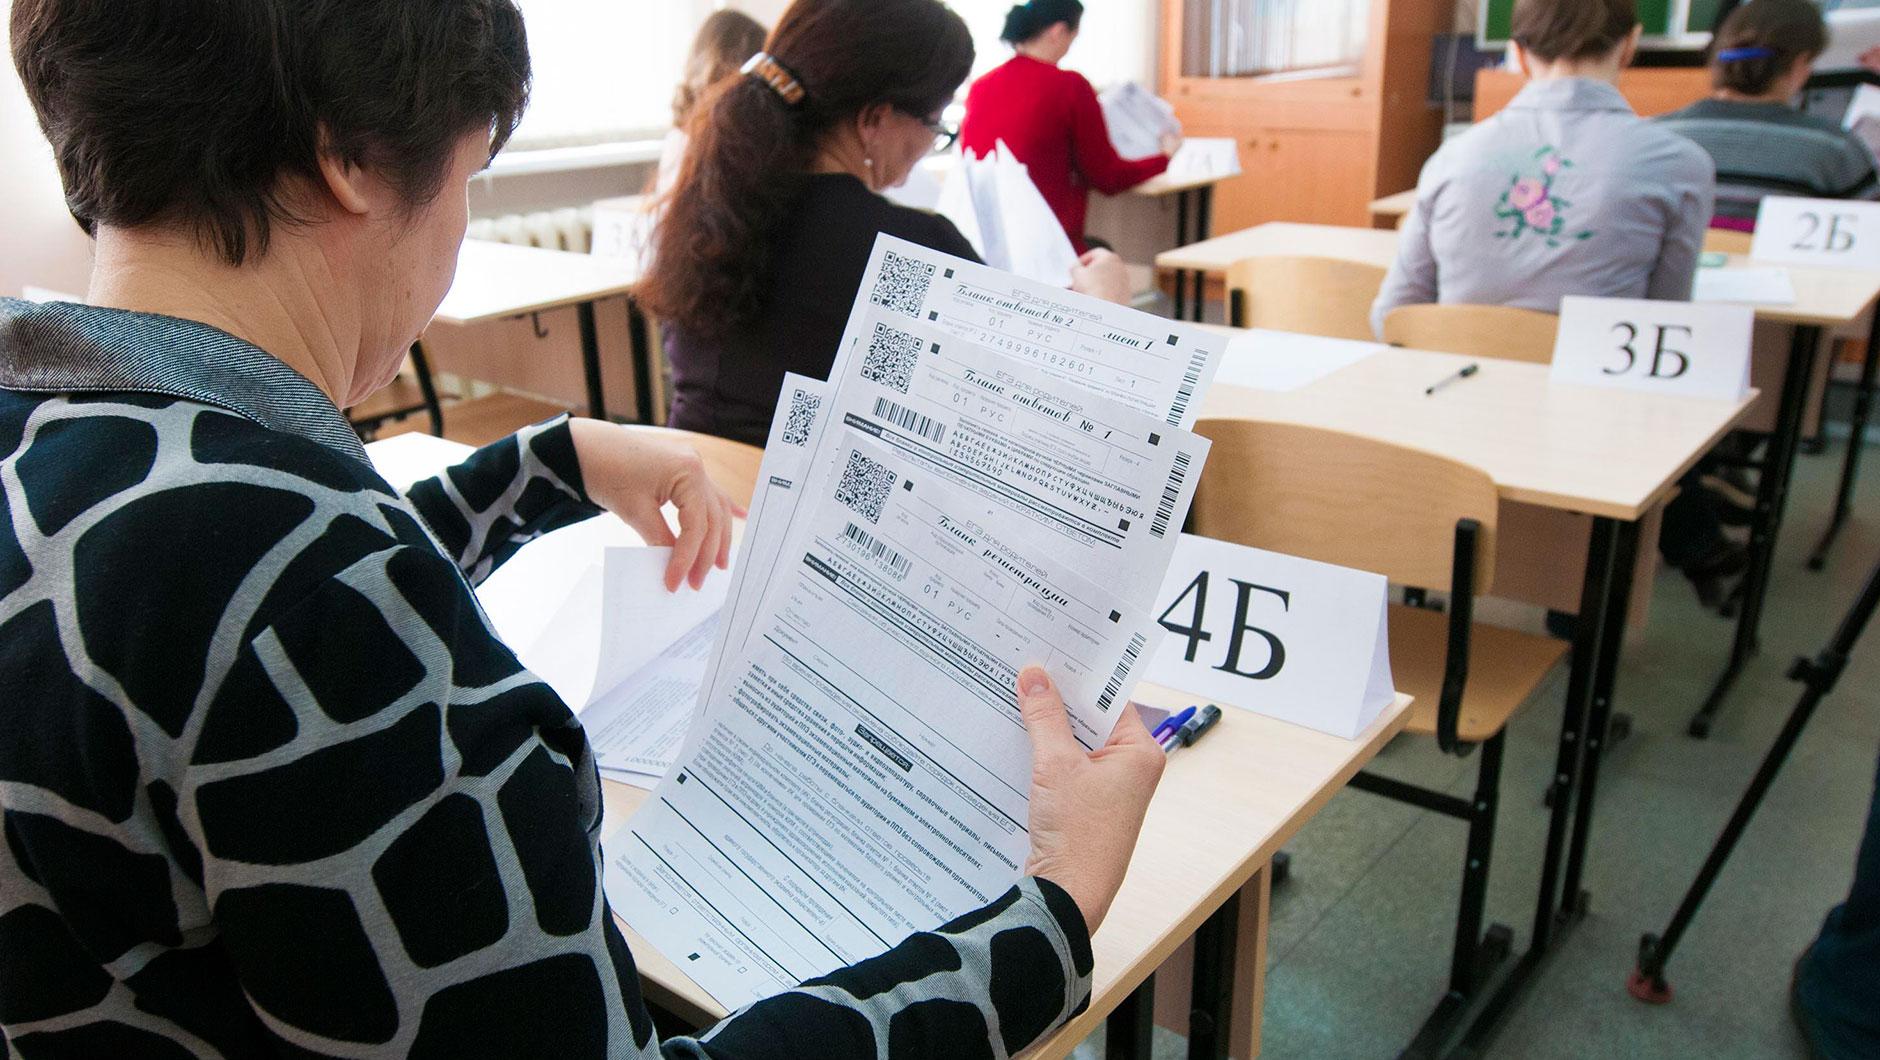 В 90% случаев для сдачи ЕГЭ абитуриенты выбирают английский язык